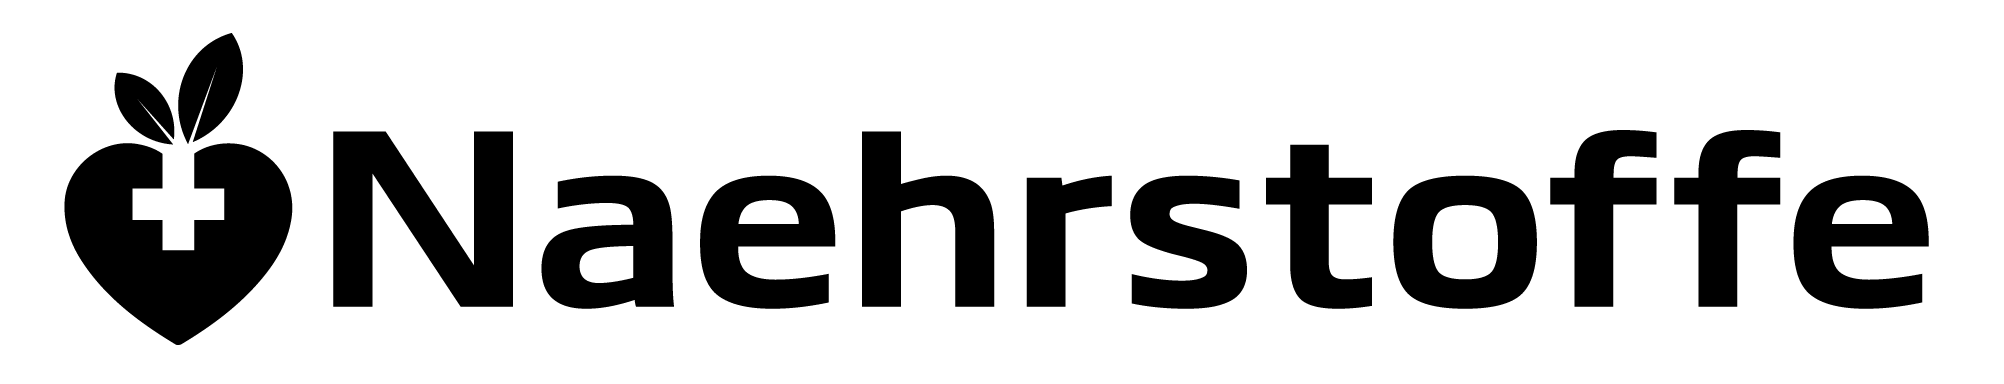 Närstoffe.org Logo